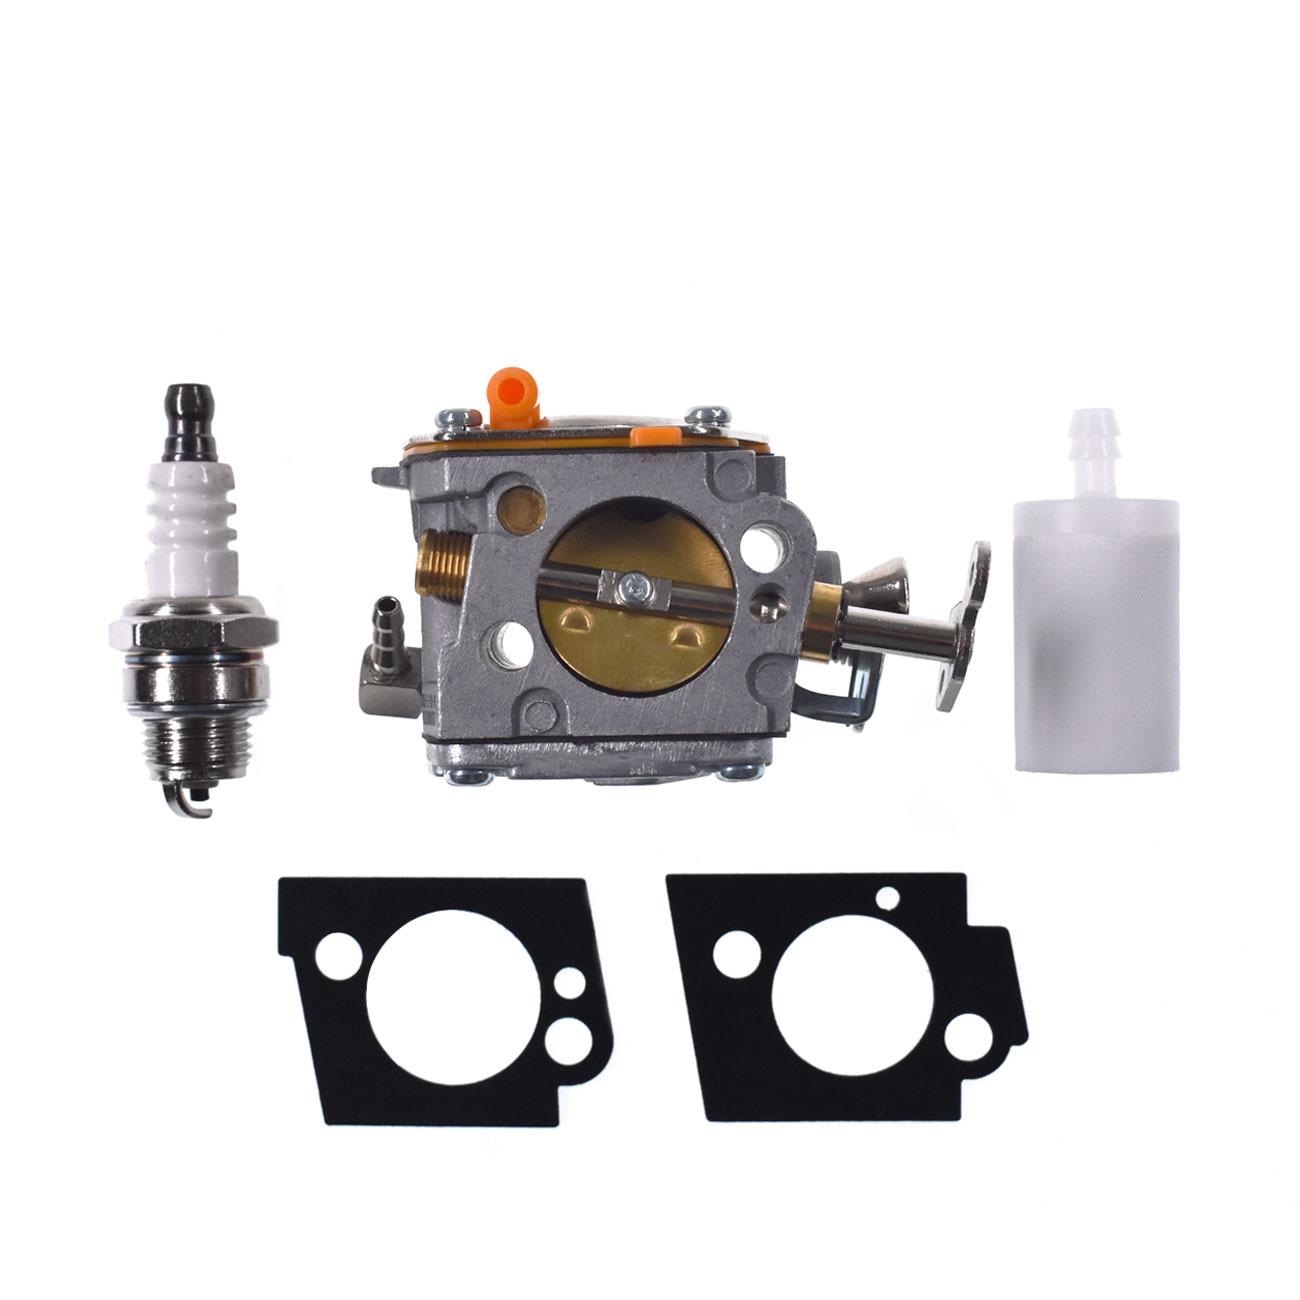 Chainsaw Carburetor For Husqvarna K650 K700 K800 K1200 Concrete 503280418 Carb